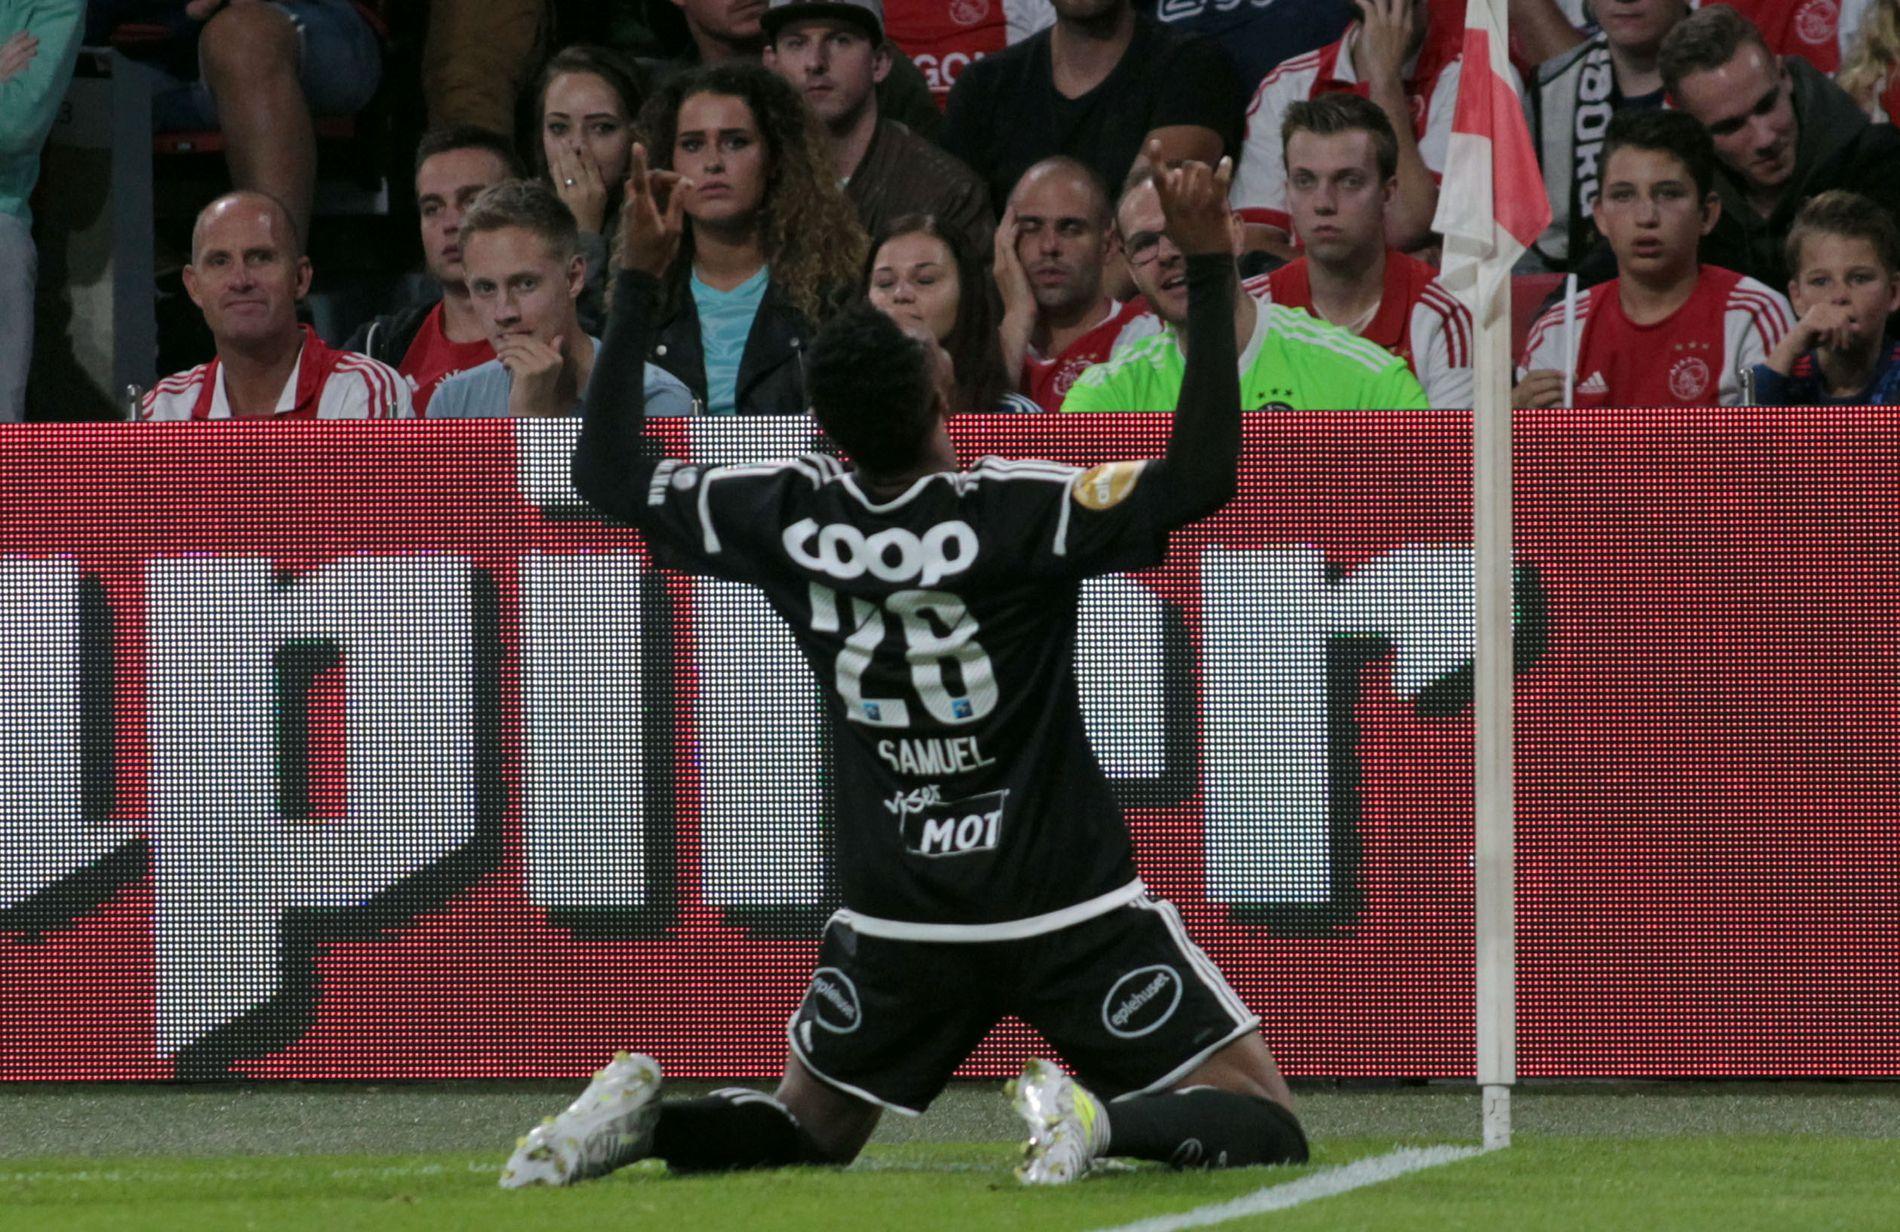 BORTEMÅL: Her feirer Samuel Adegbenro scoringen, som sikrer Rosenborg et strålende utgangspunkt foran returoppgjøret på Lerkendal.